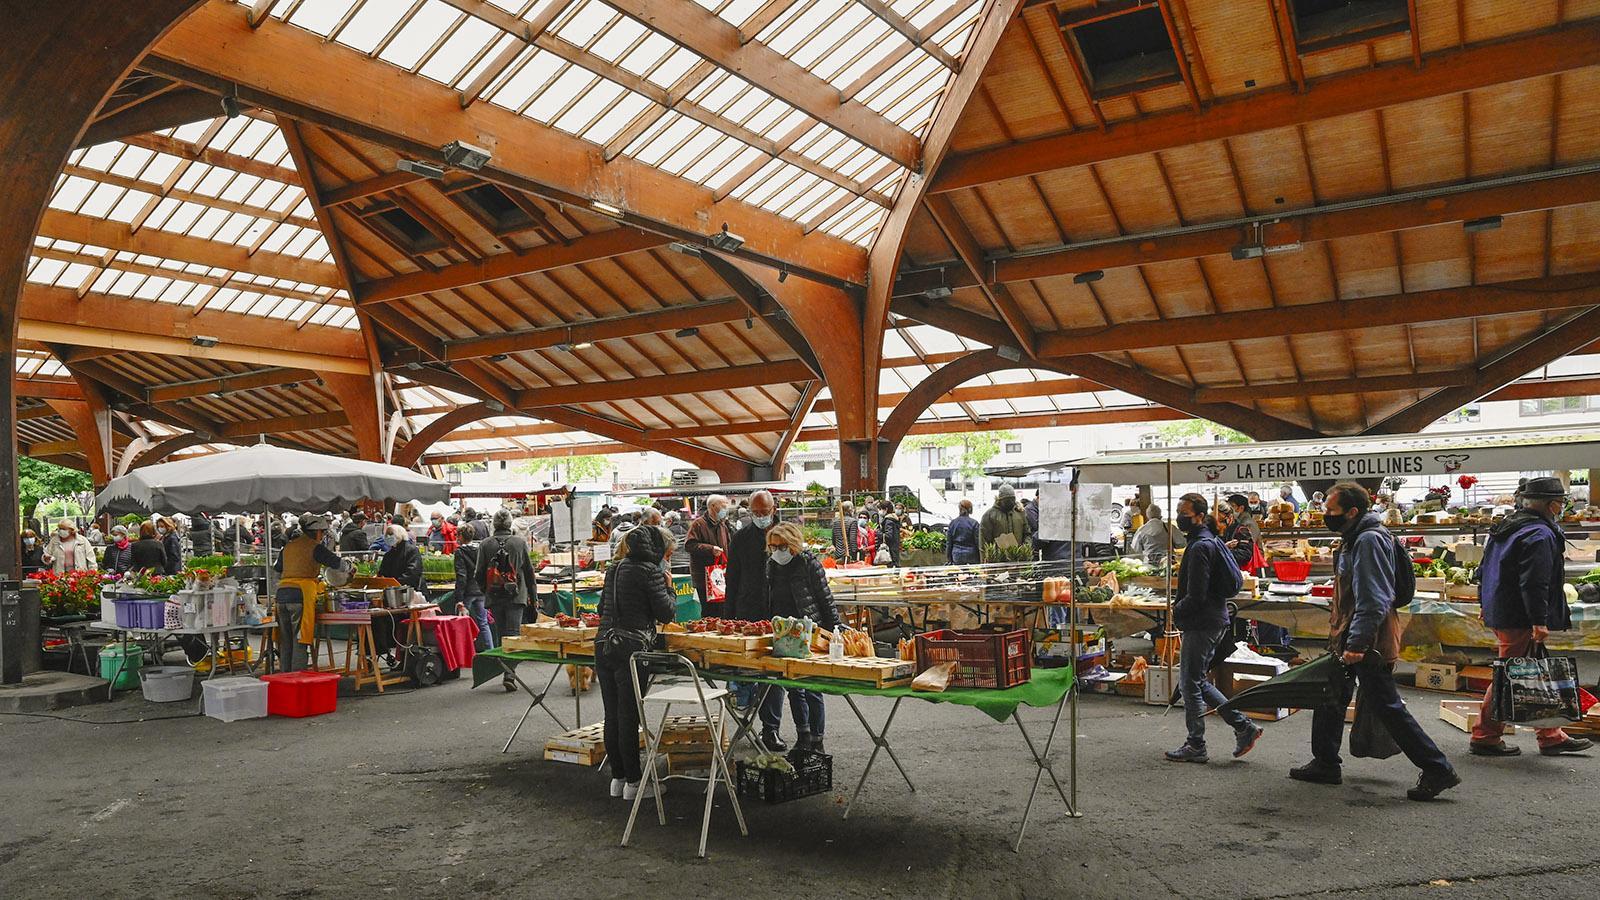 Die Markthalle von Brive-la-Gaillarde besitzt einen beeindruckenden hölzernen Dachstuhl. Foto: Hilke Maunder